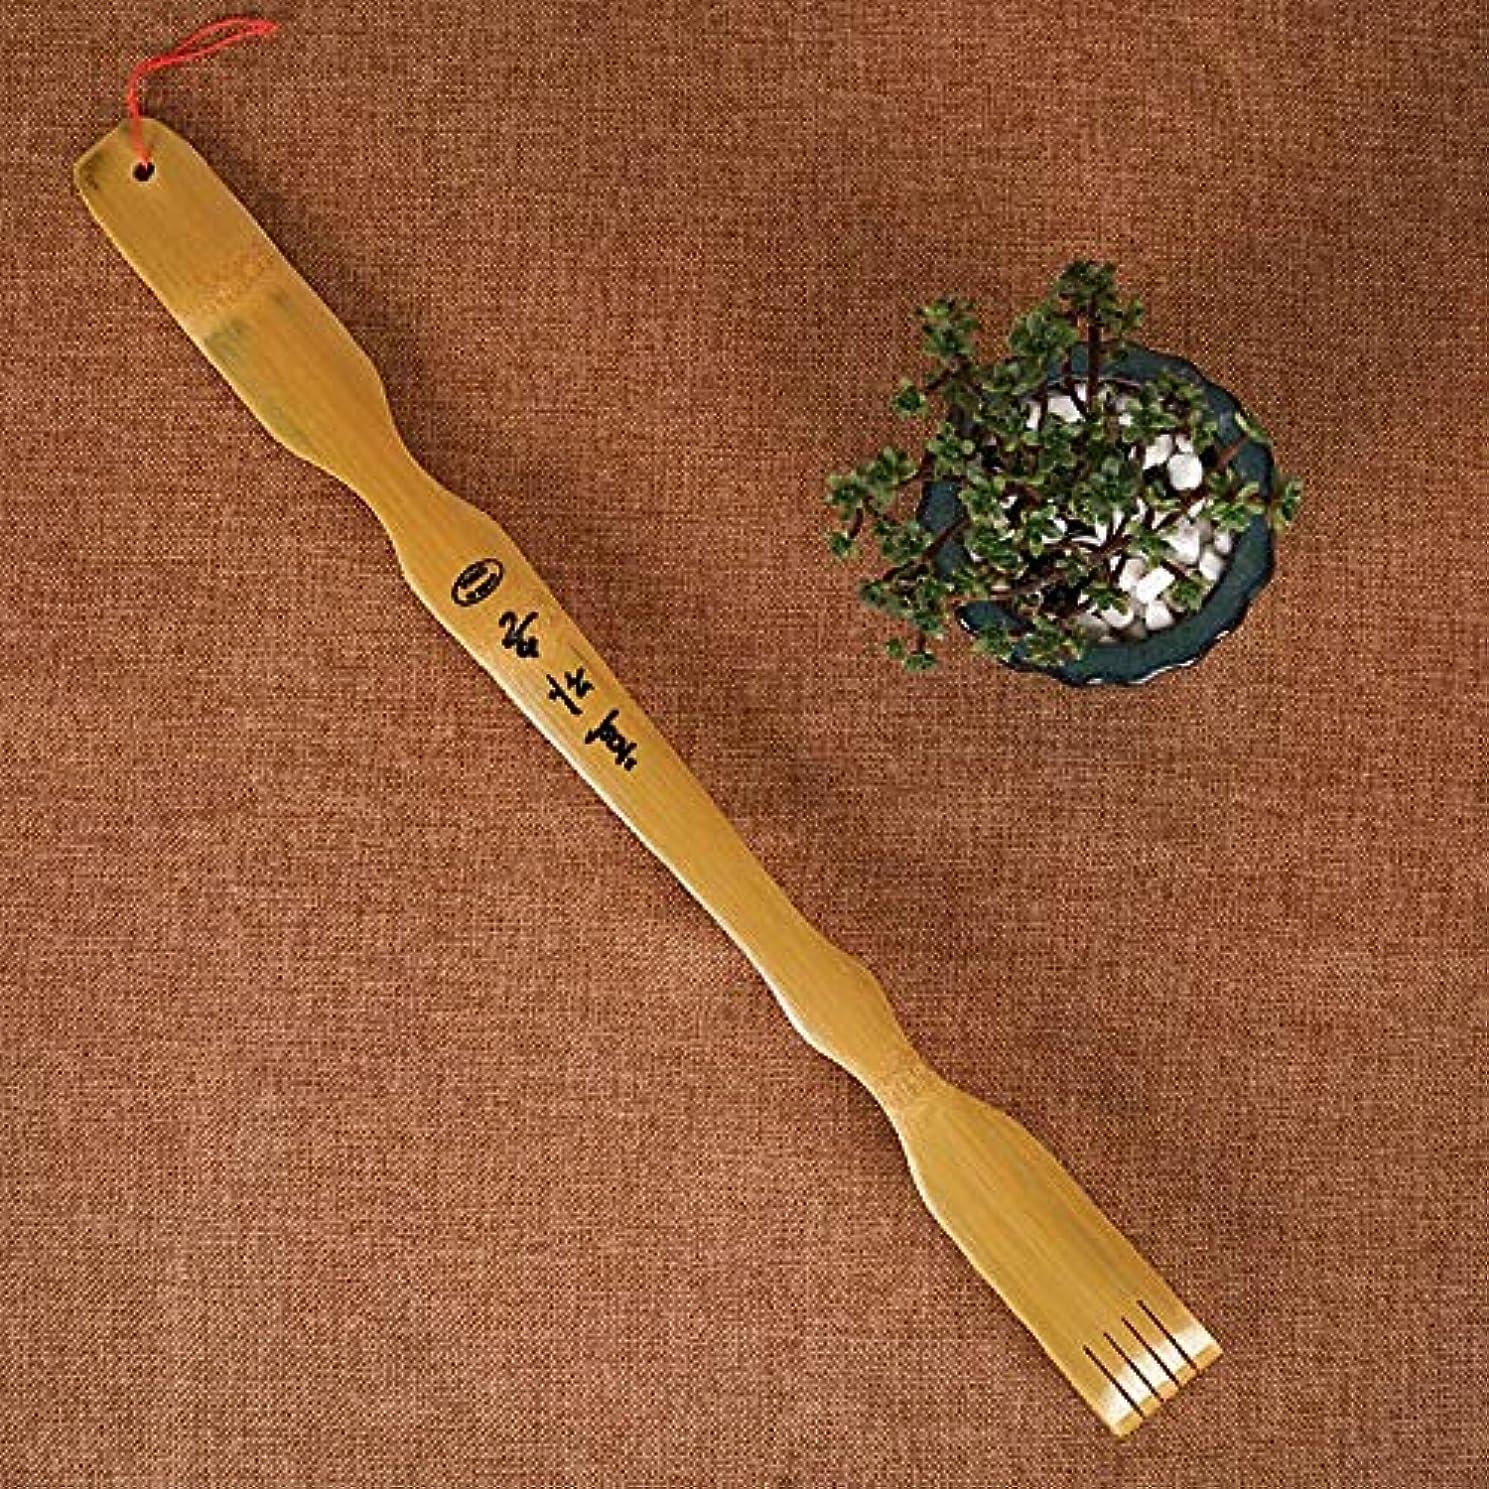 地図観客ベールRuby背中掻きブラシ 竹製 まごのて 敬老の日 プレゼント高人気 背中かゆみを止め マッサージ用